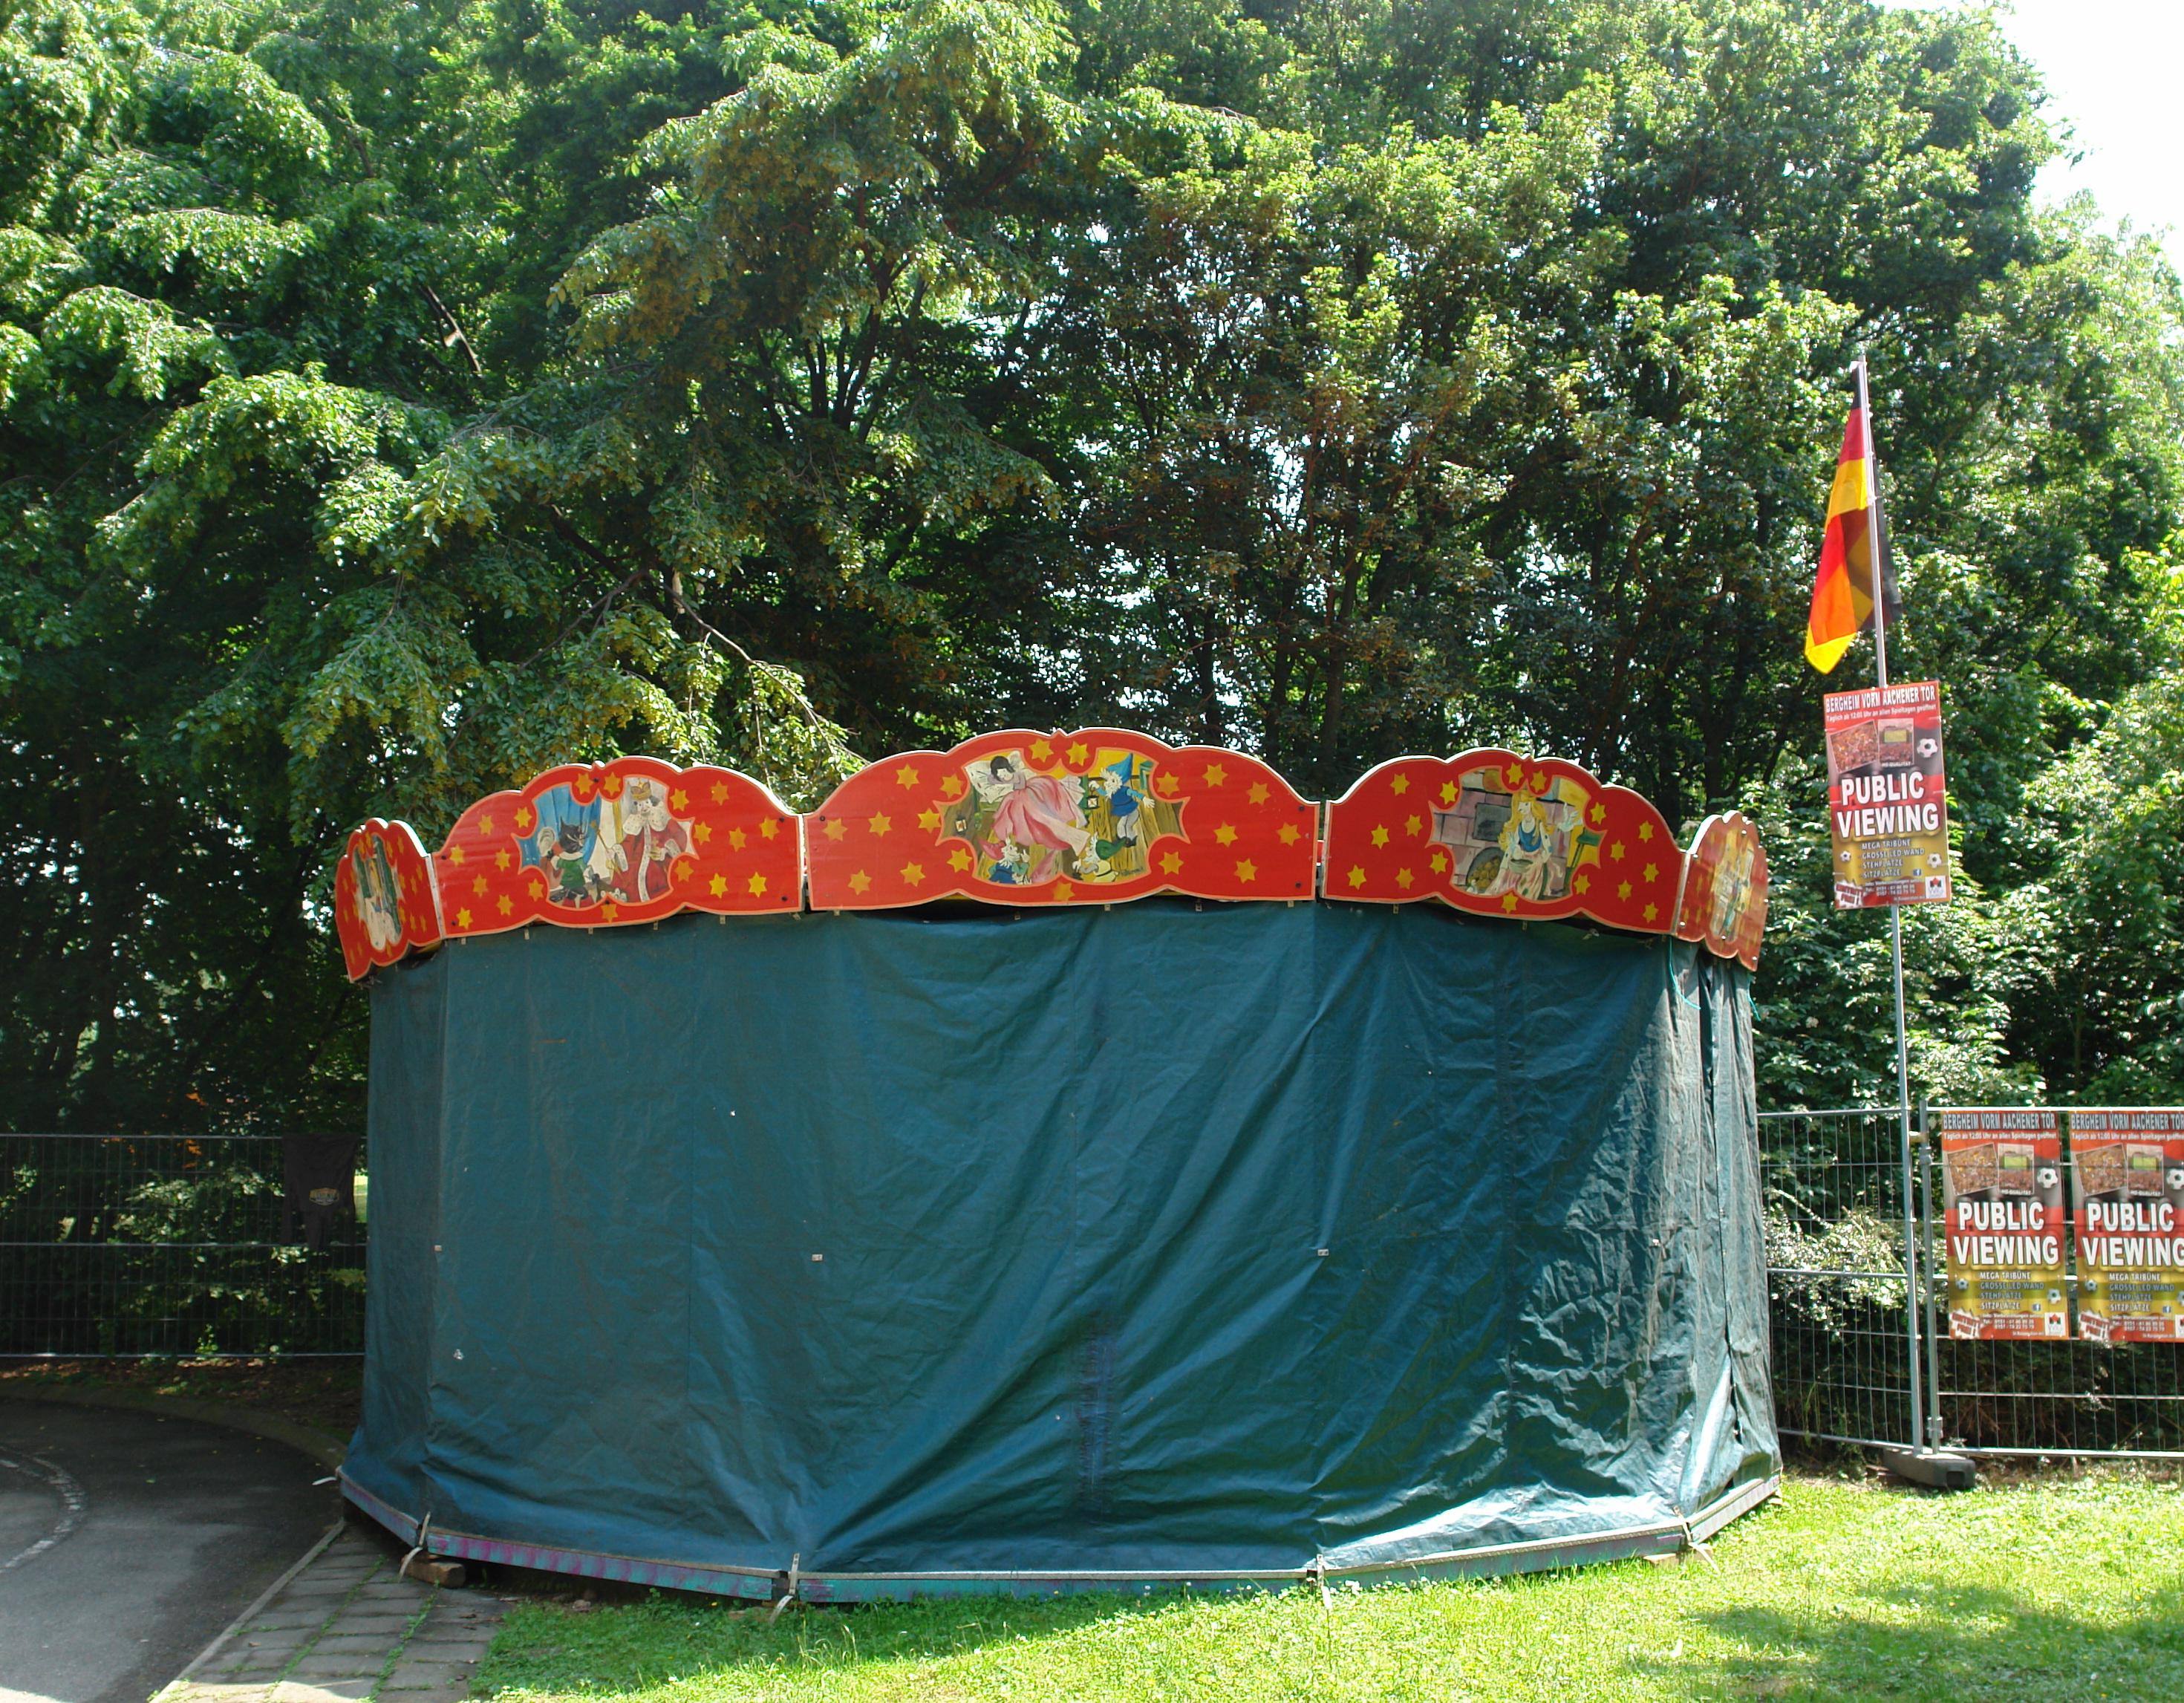 Noch eingepackt, das Kinderkarusell ist an jedem Tag geöffnet.